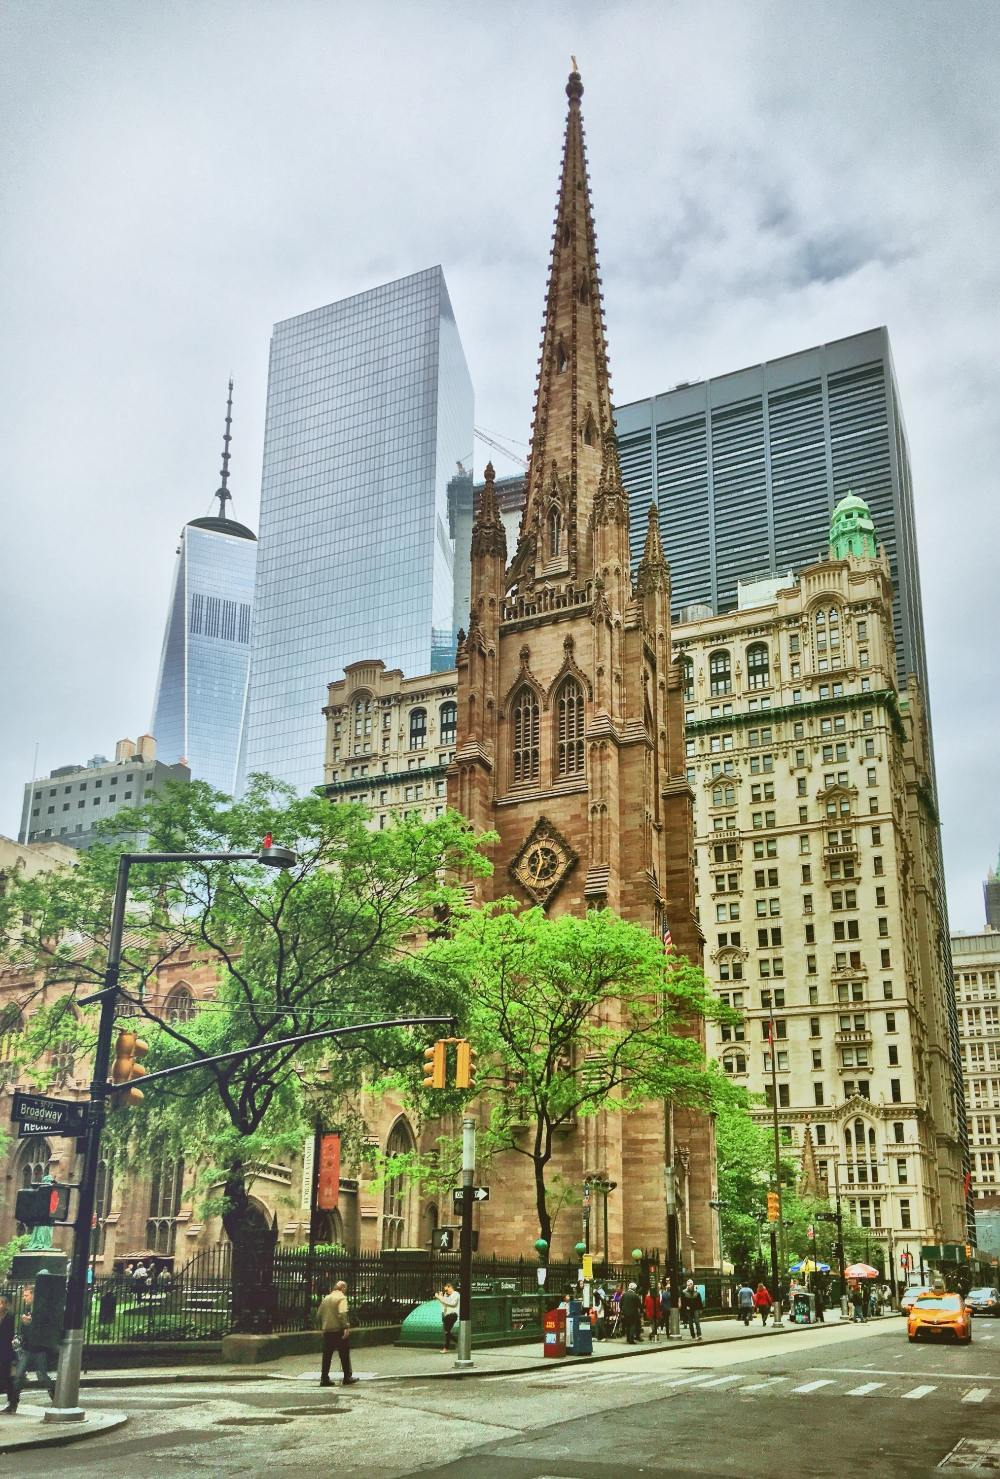 华尔街一头正对着的教堂